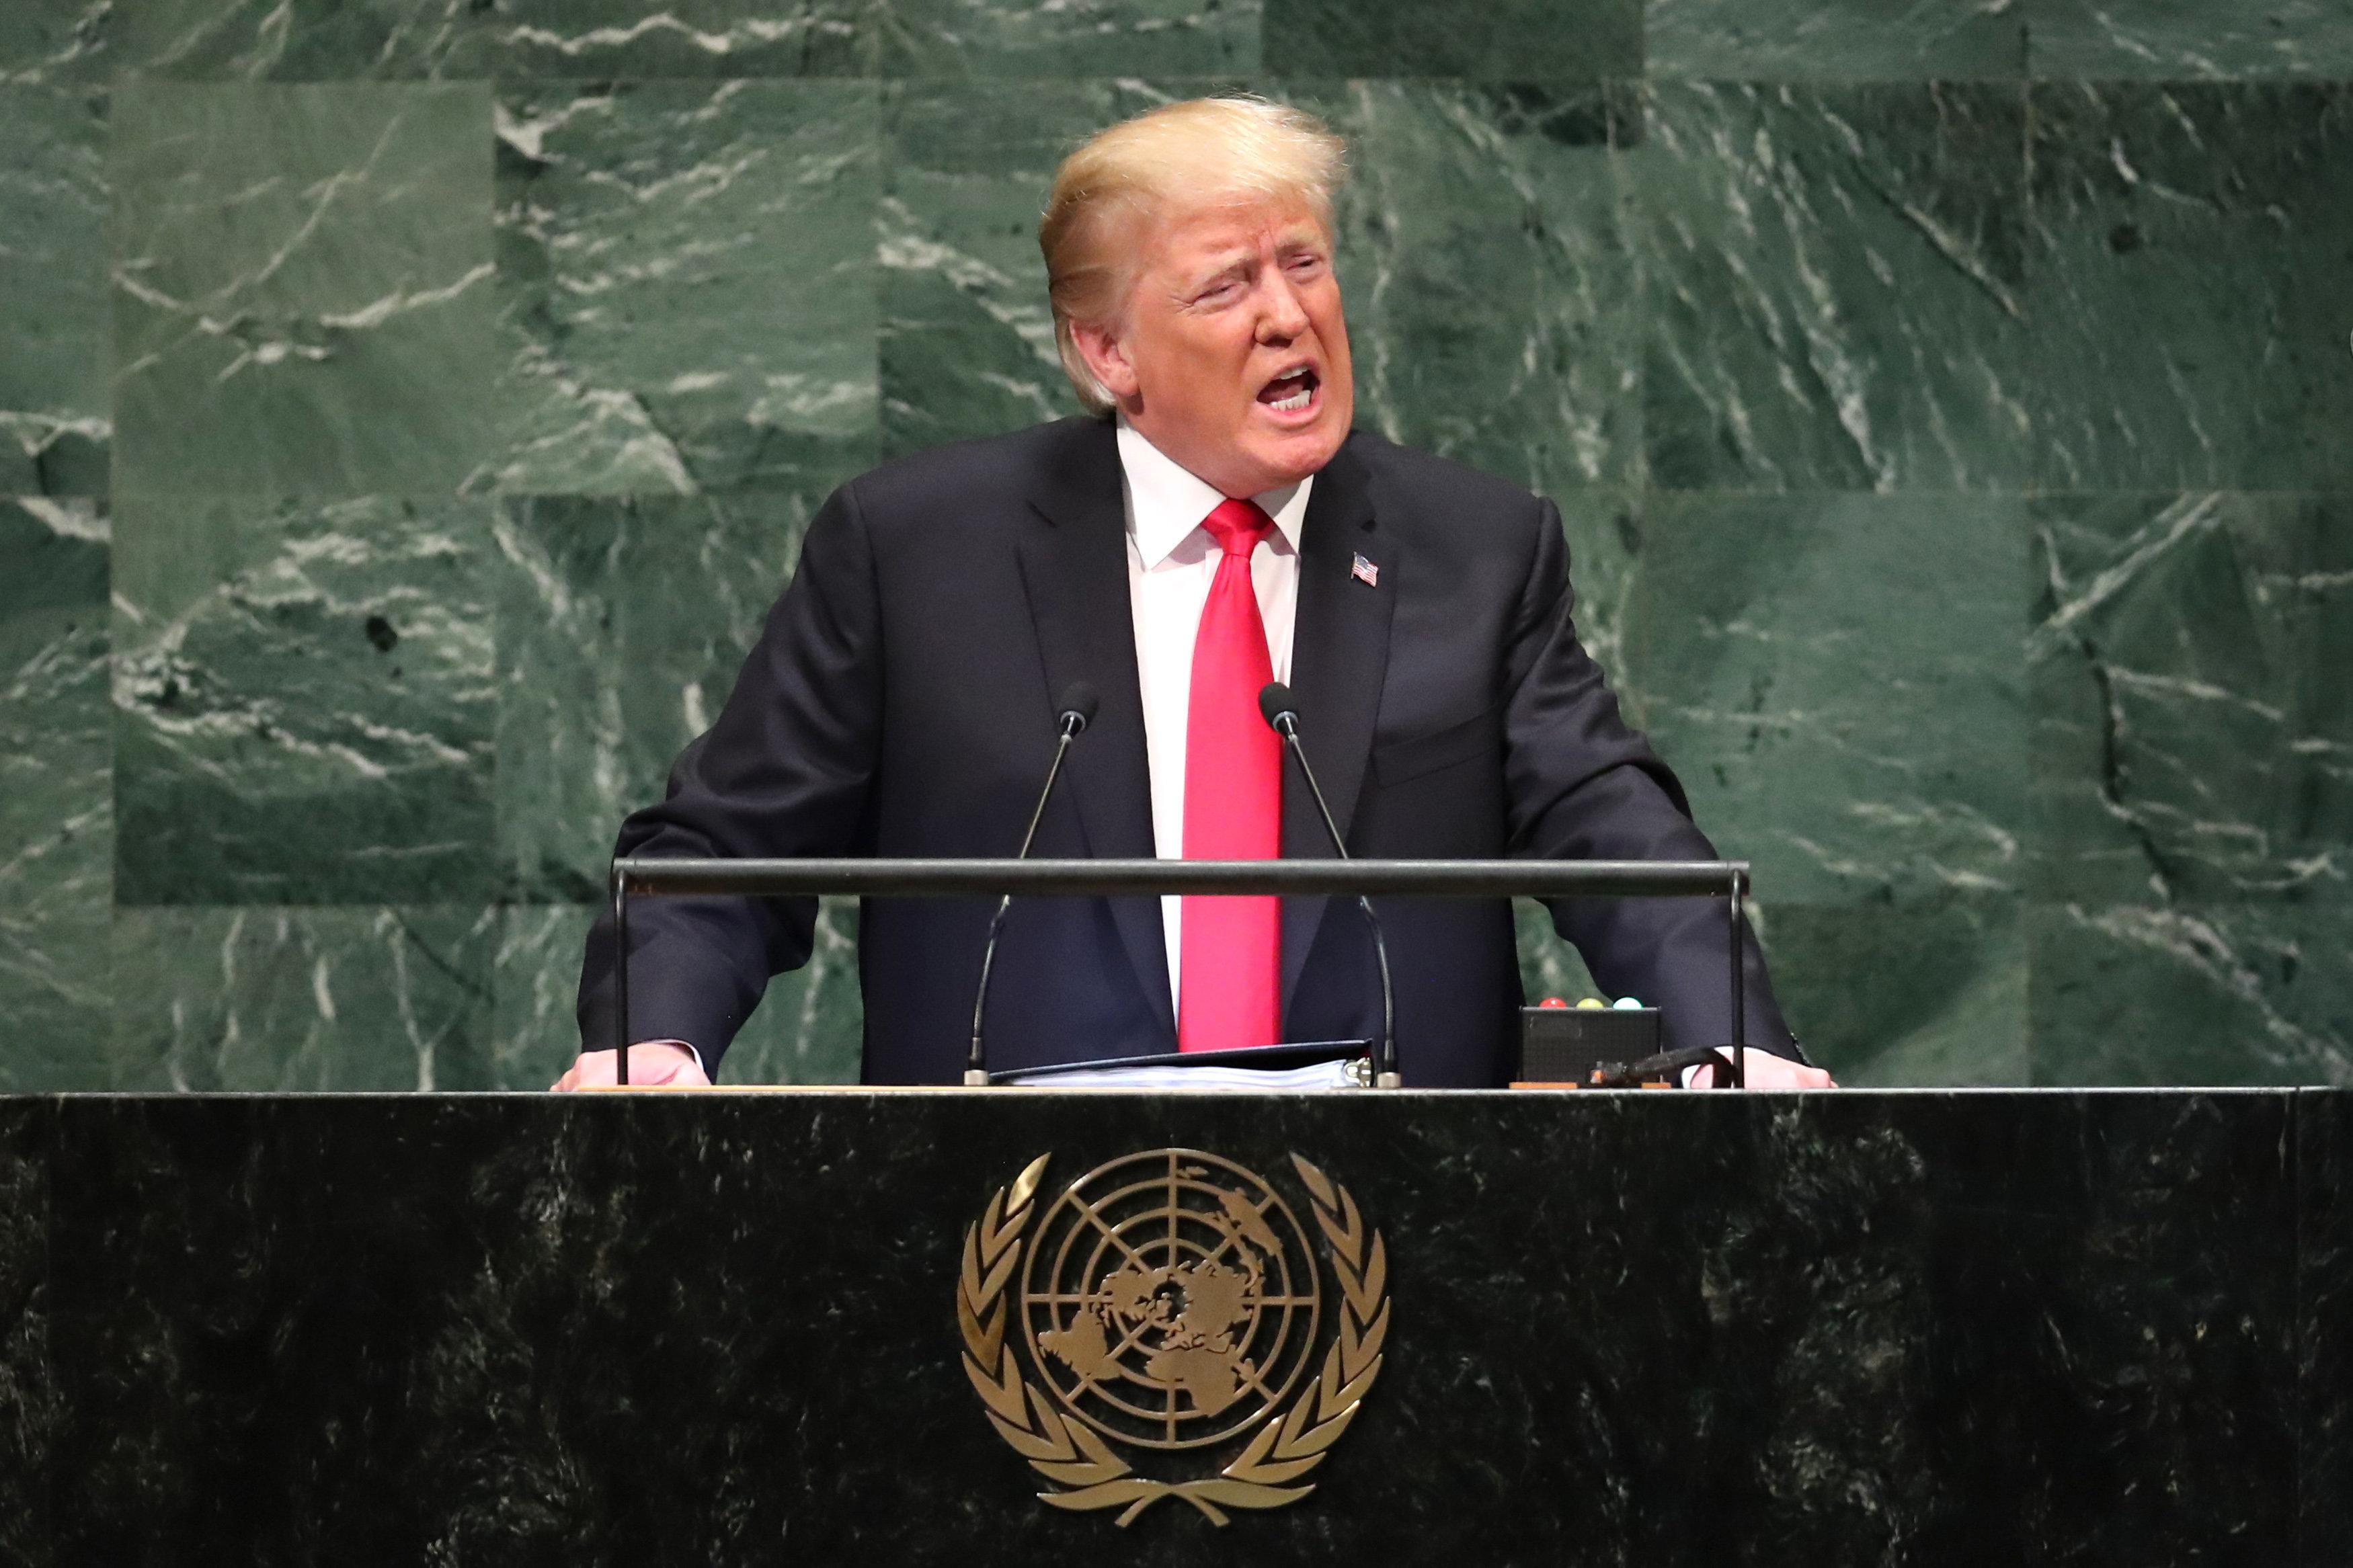 Trumps Weltenbrandrede: Warum die UN-Ansprache des US-Präsidenten ein Fanal für die freie Welt ist